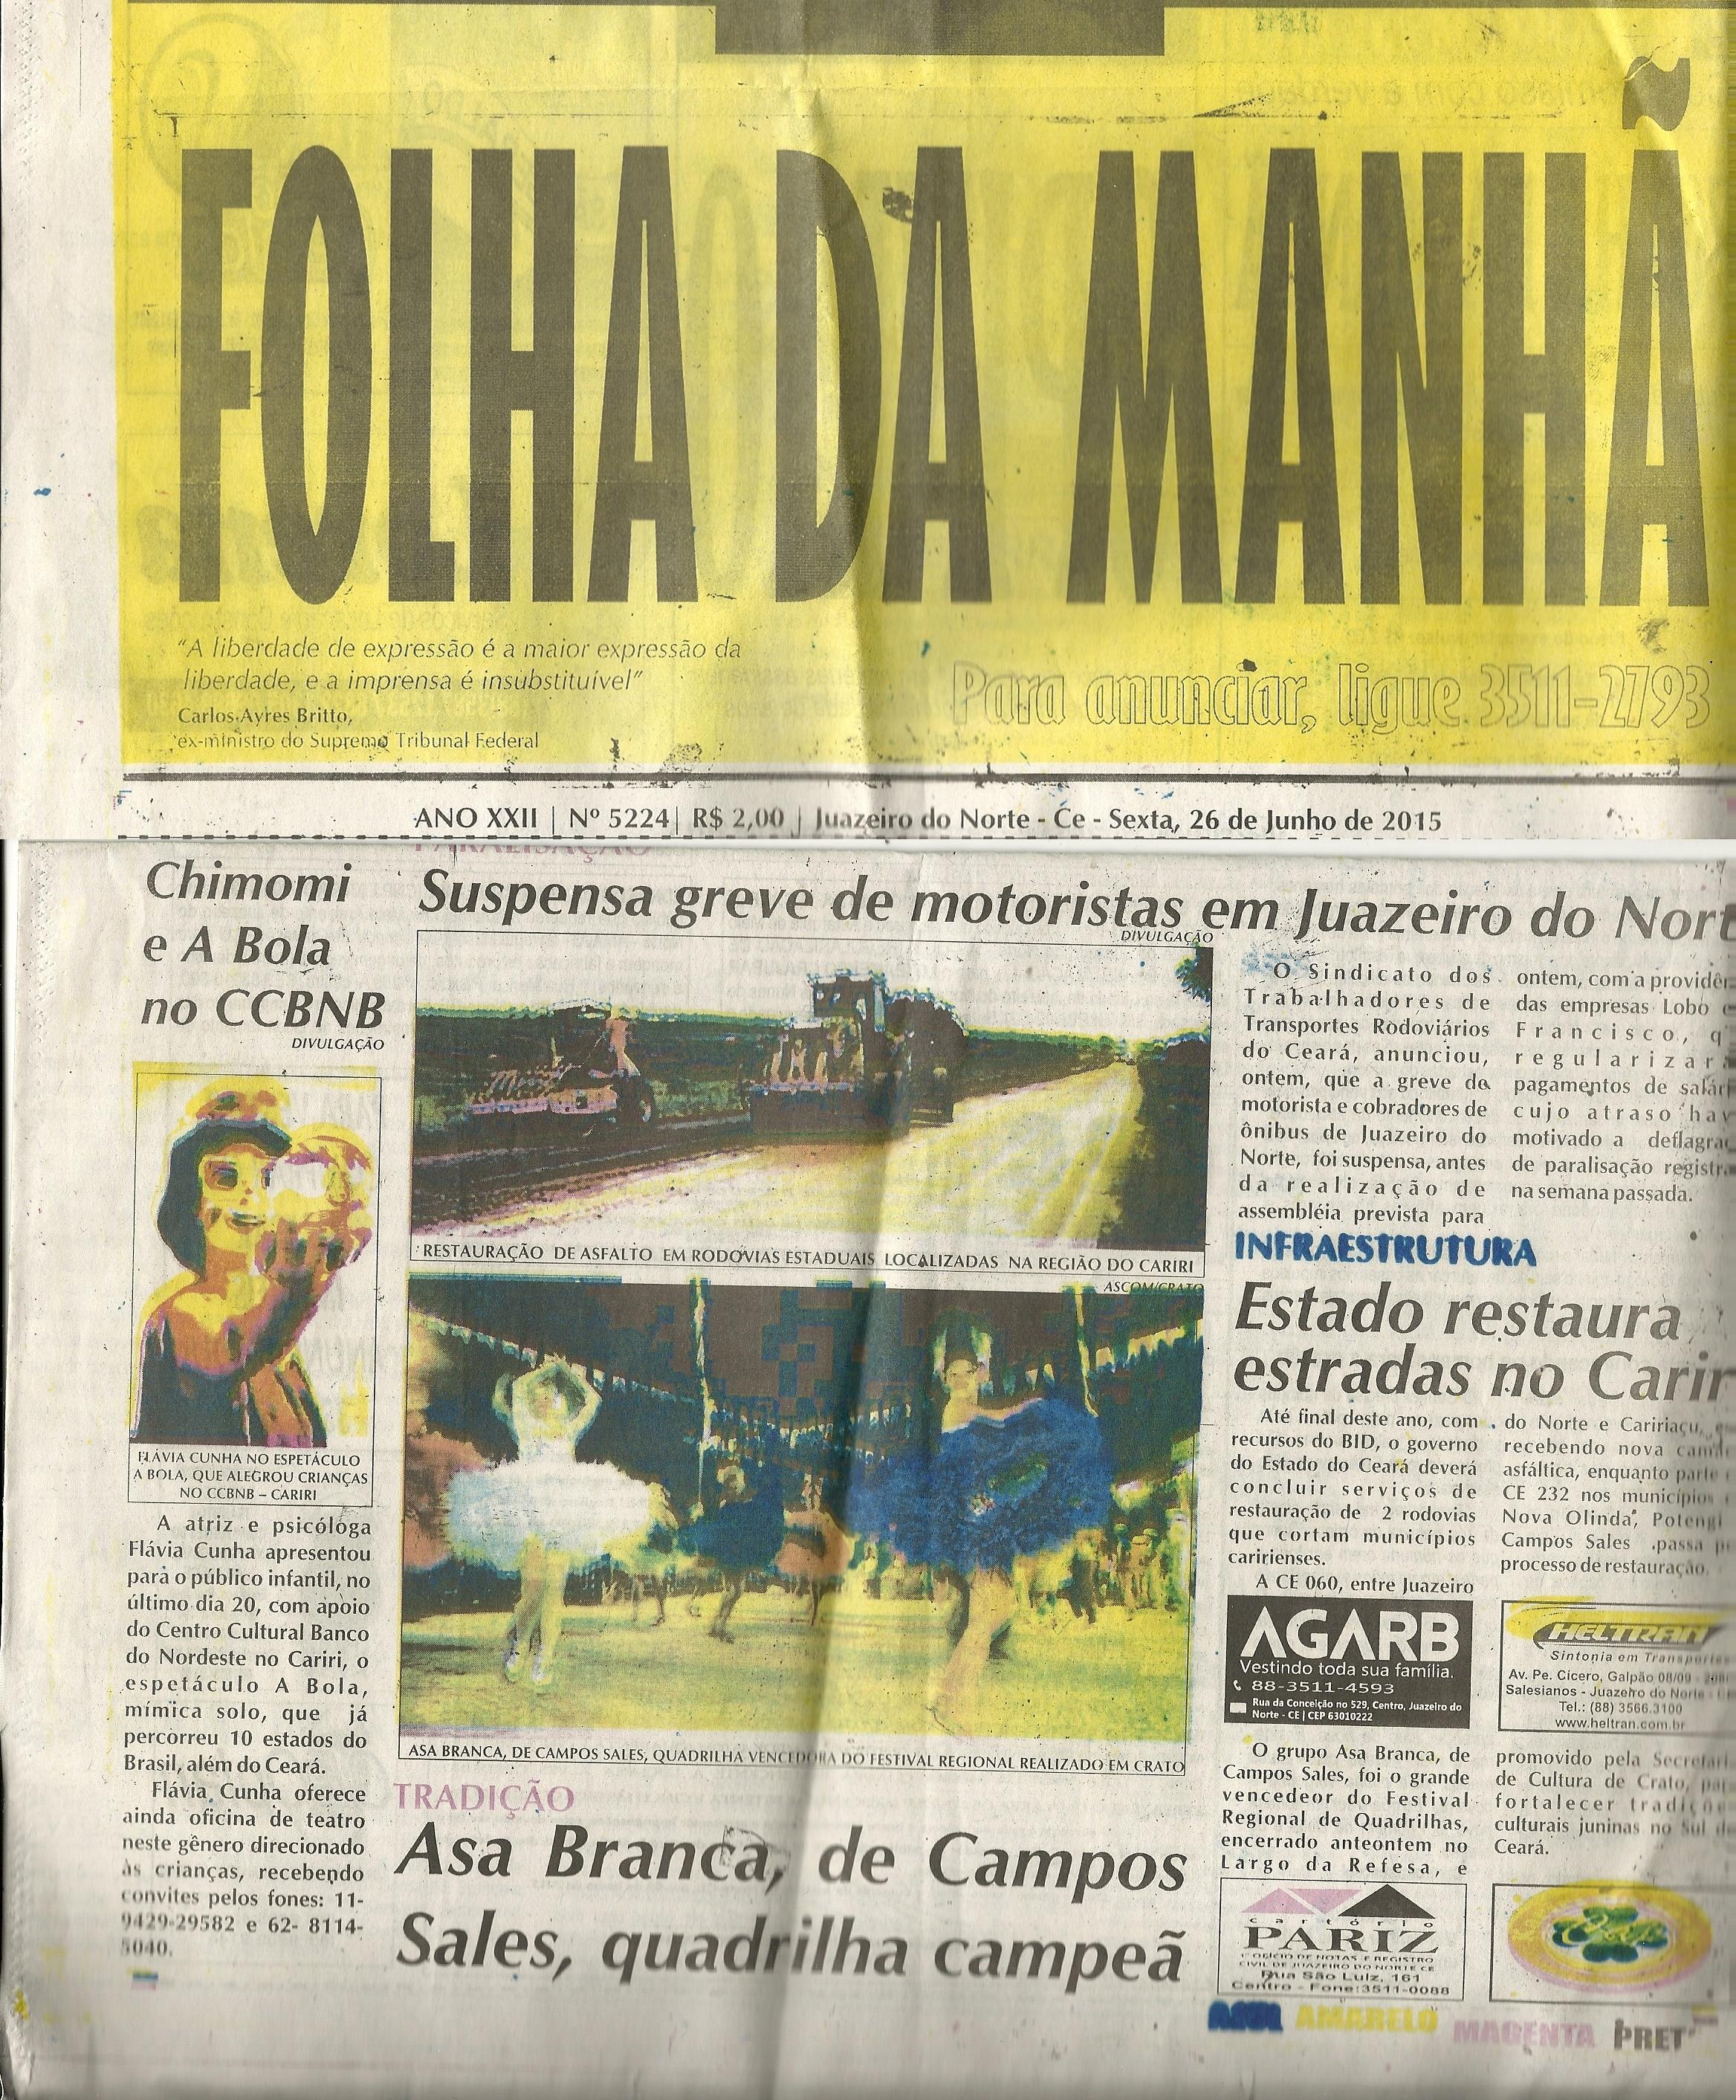 Jornal Folha da Manhã_JUAZEIRO NORTE